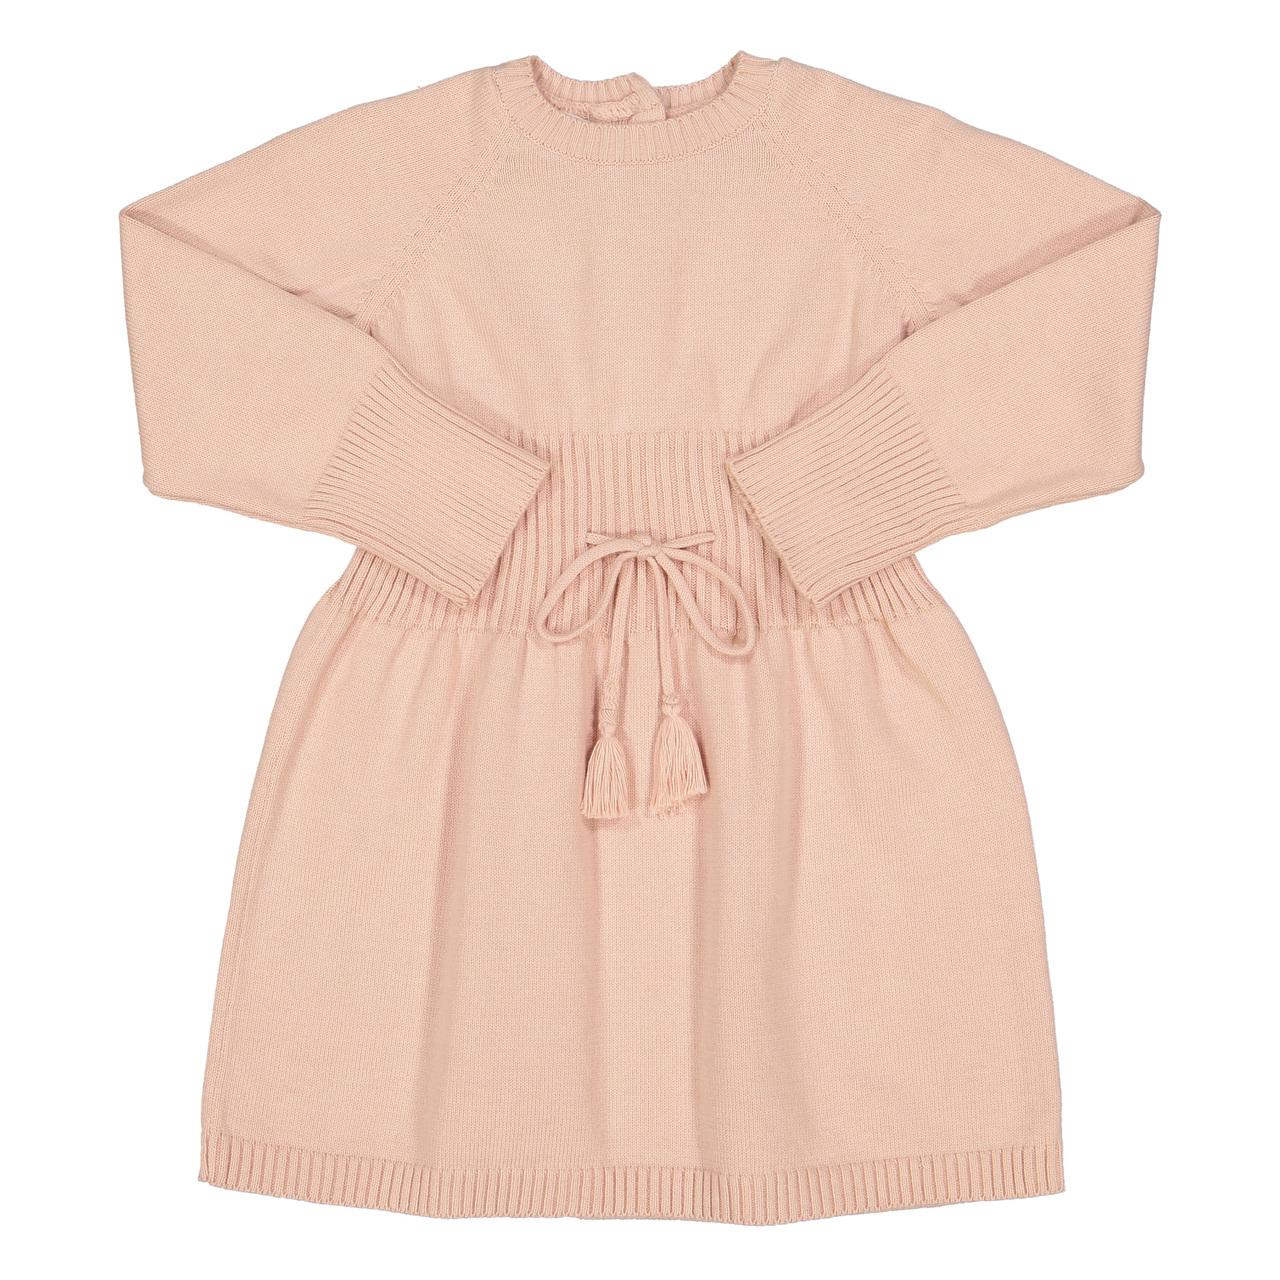 527b8d69b50 Knit Tassel Dress I Feltman Brothers